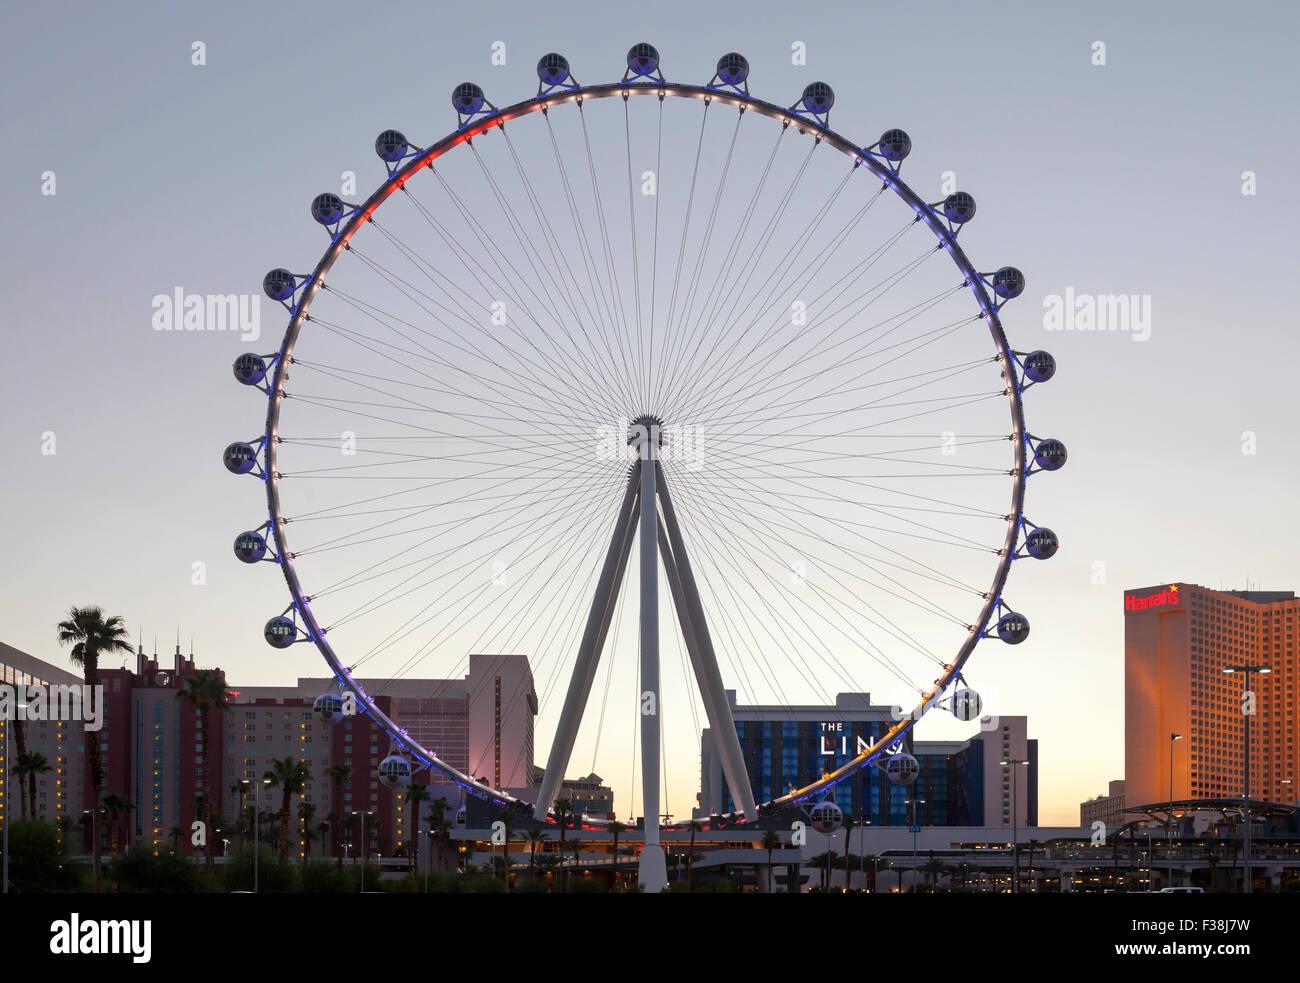 Une soirée sur la Grande Roue High Roller à Las Vegas, Nevada. Banque D'Images